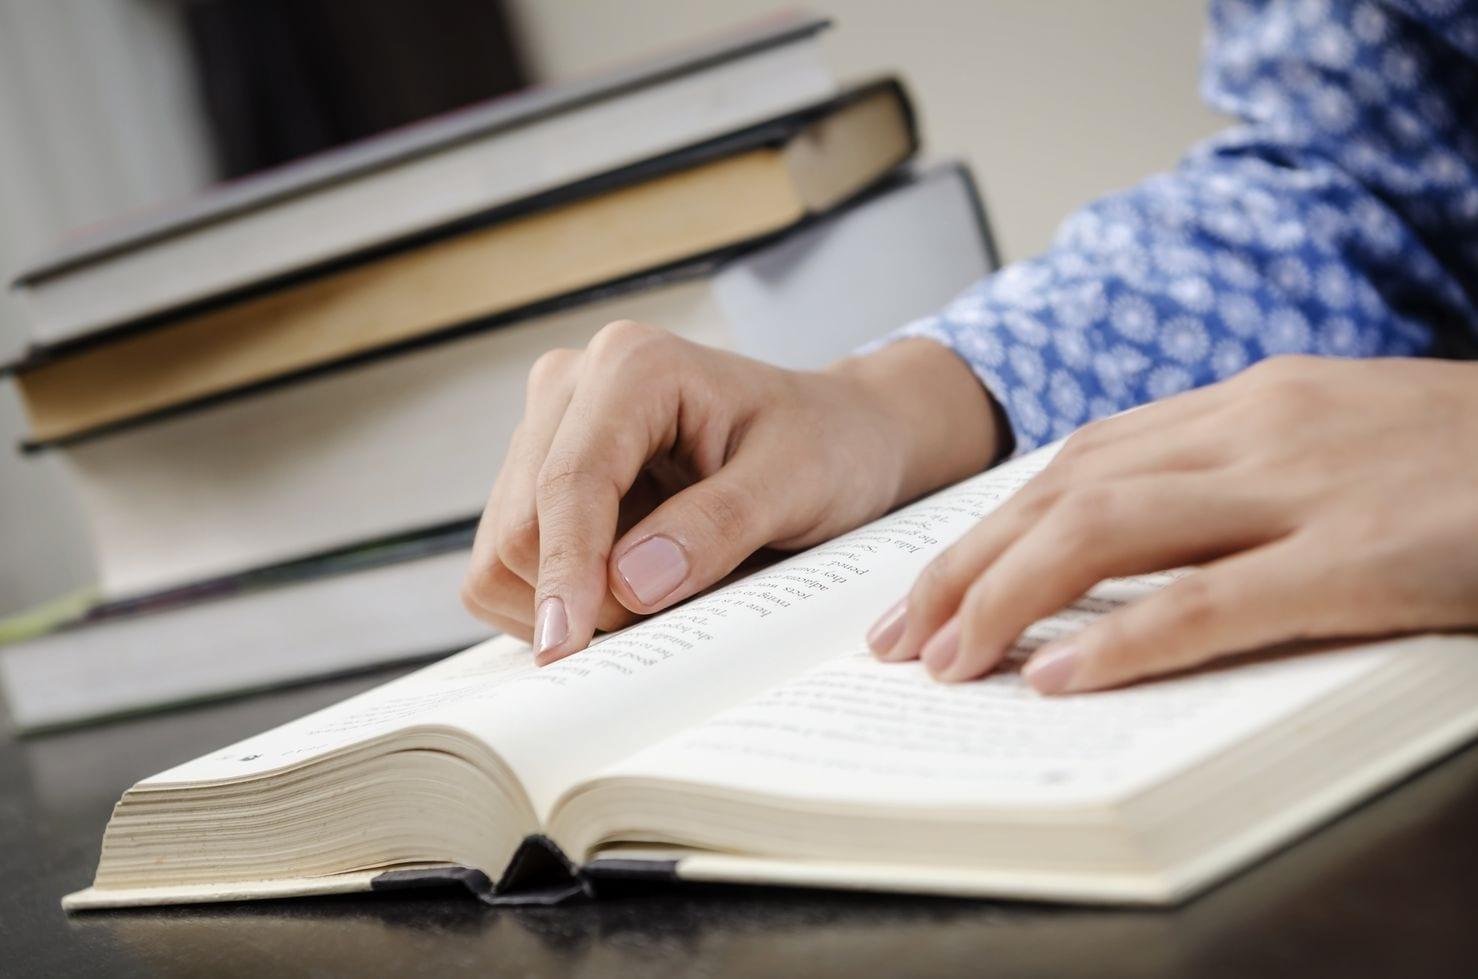 Практические техники обучения чтению трудных слов и исключений